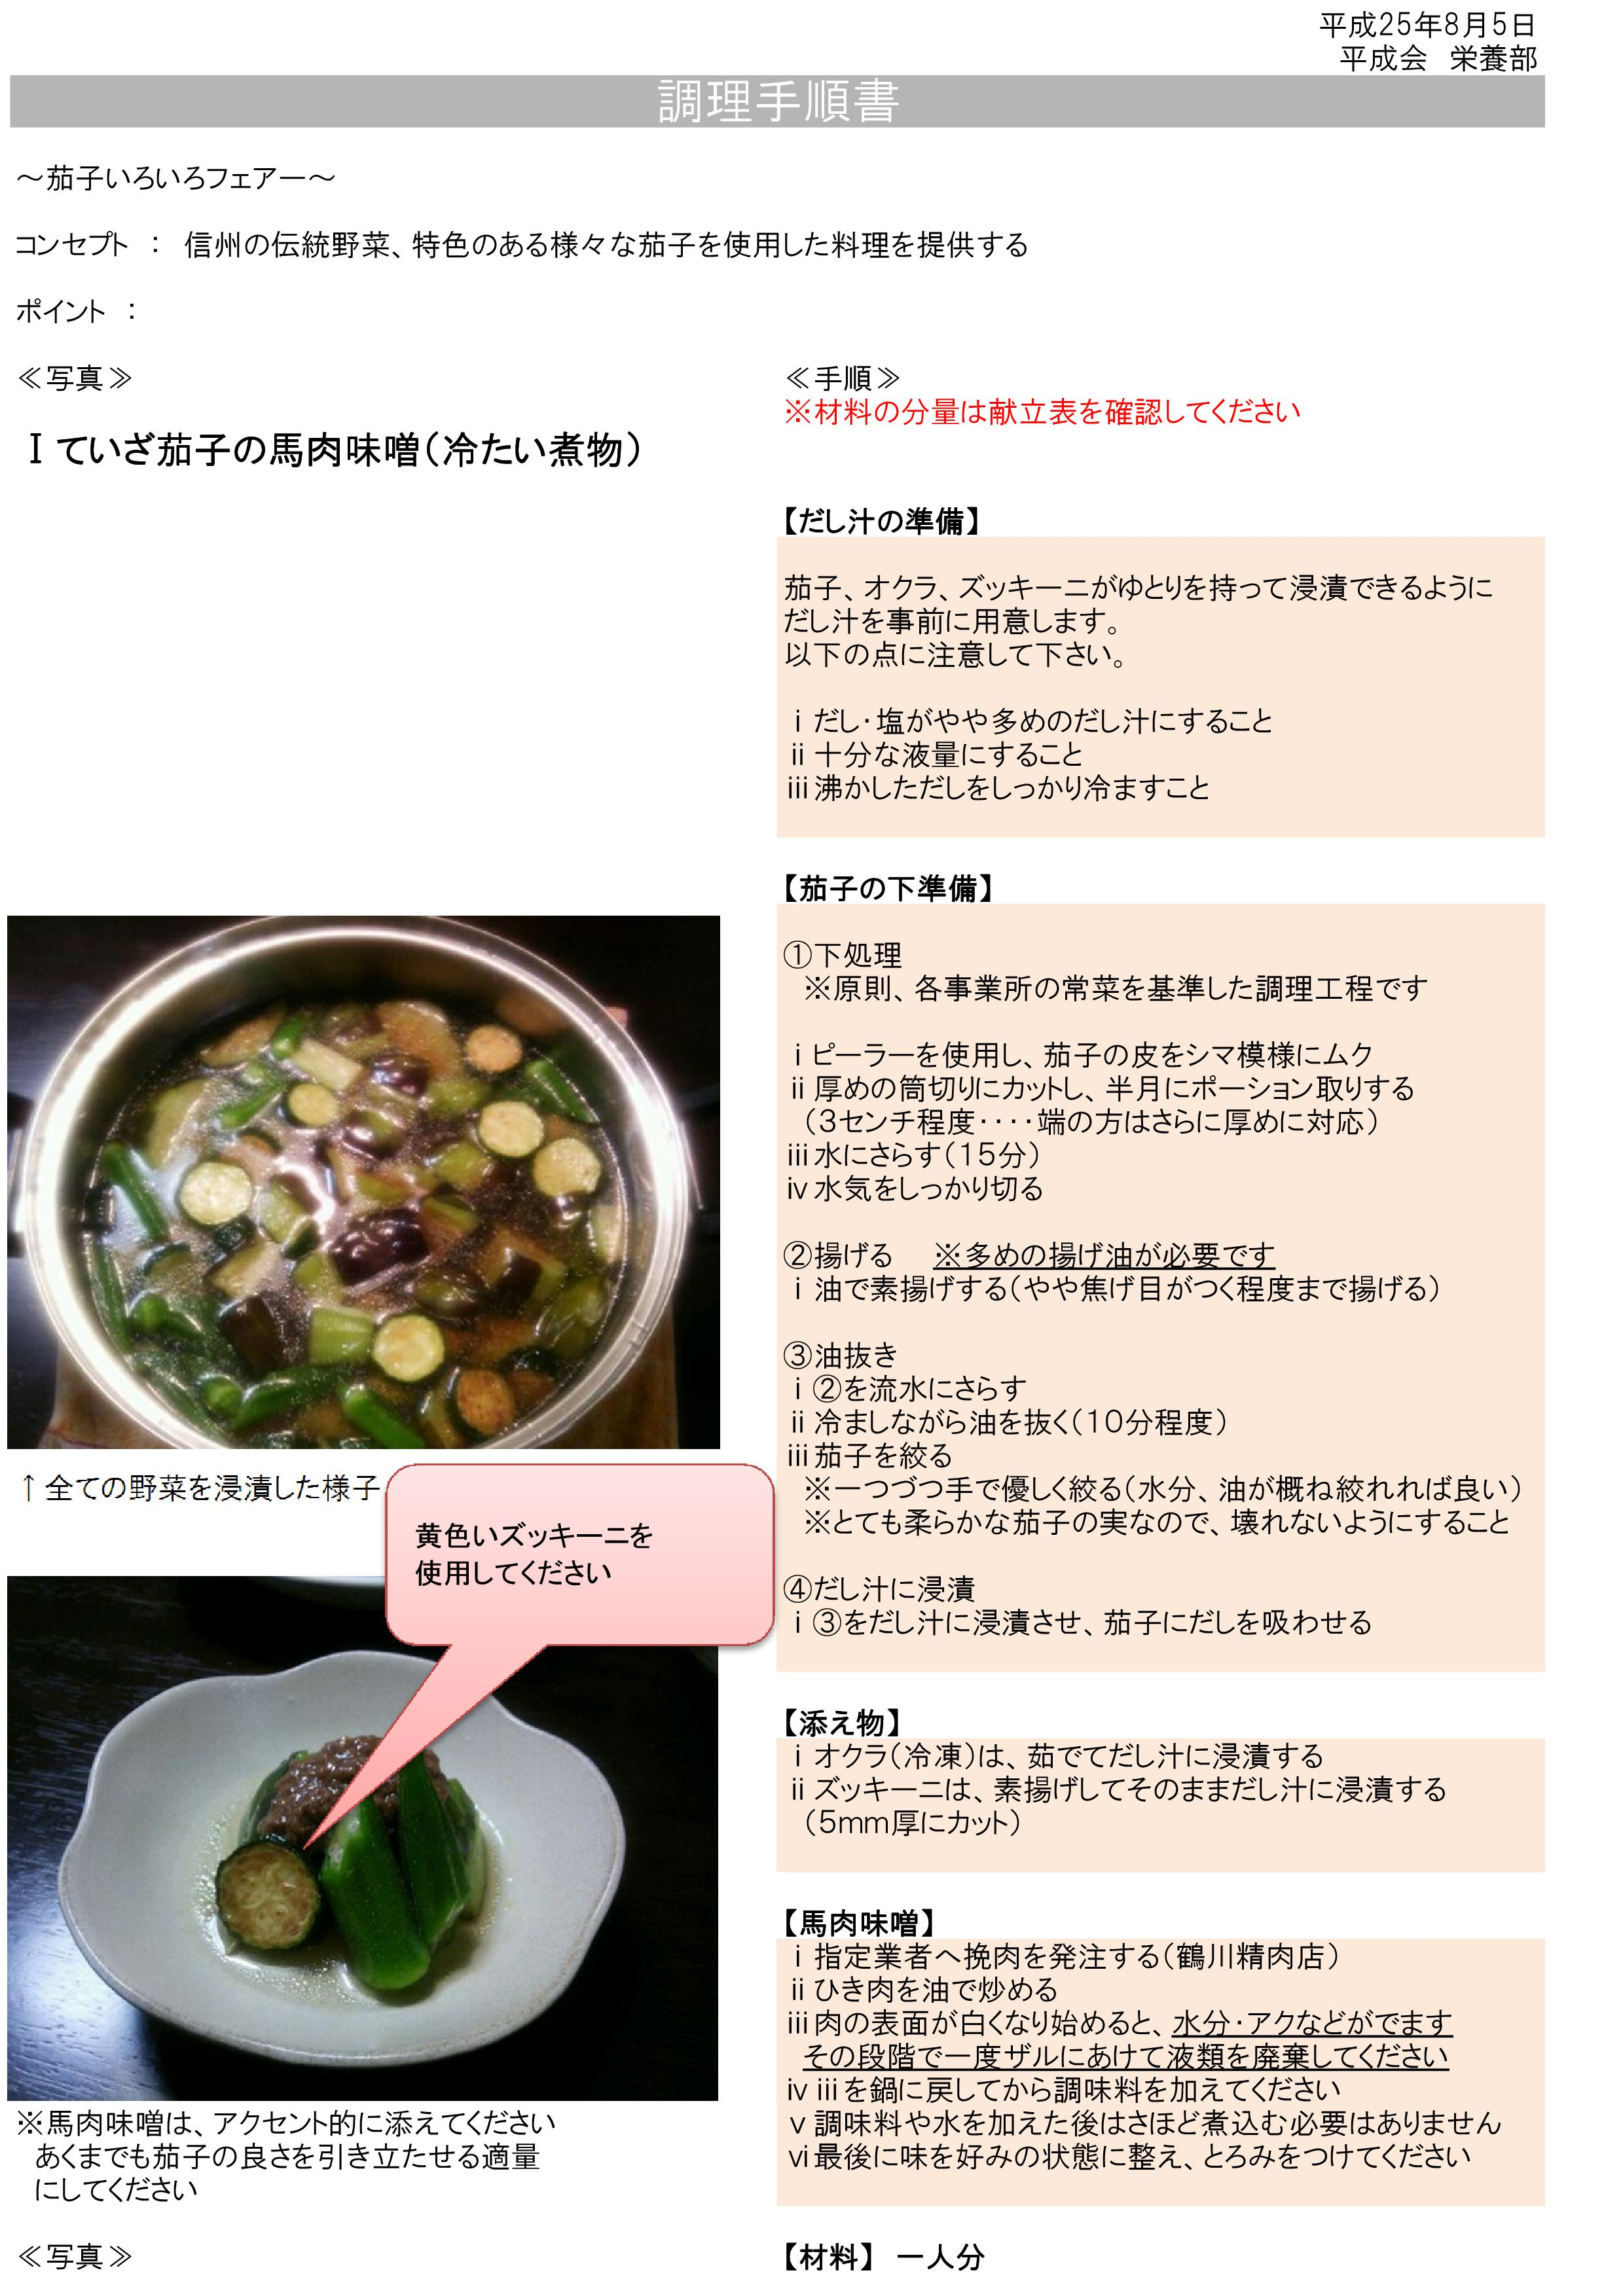 http://heisei-kai.jp/heiseikai-style-foods/report/kiji_images/%E8%8C%84%E5%AD%90%E3%81%84%E3%82%8D%E3%81%84%E3%82%8D%E3%83%95%E3%82%A7%E3%82%A2%E3%83%BC-001.jpg